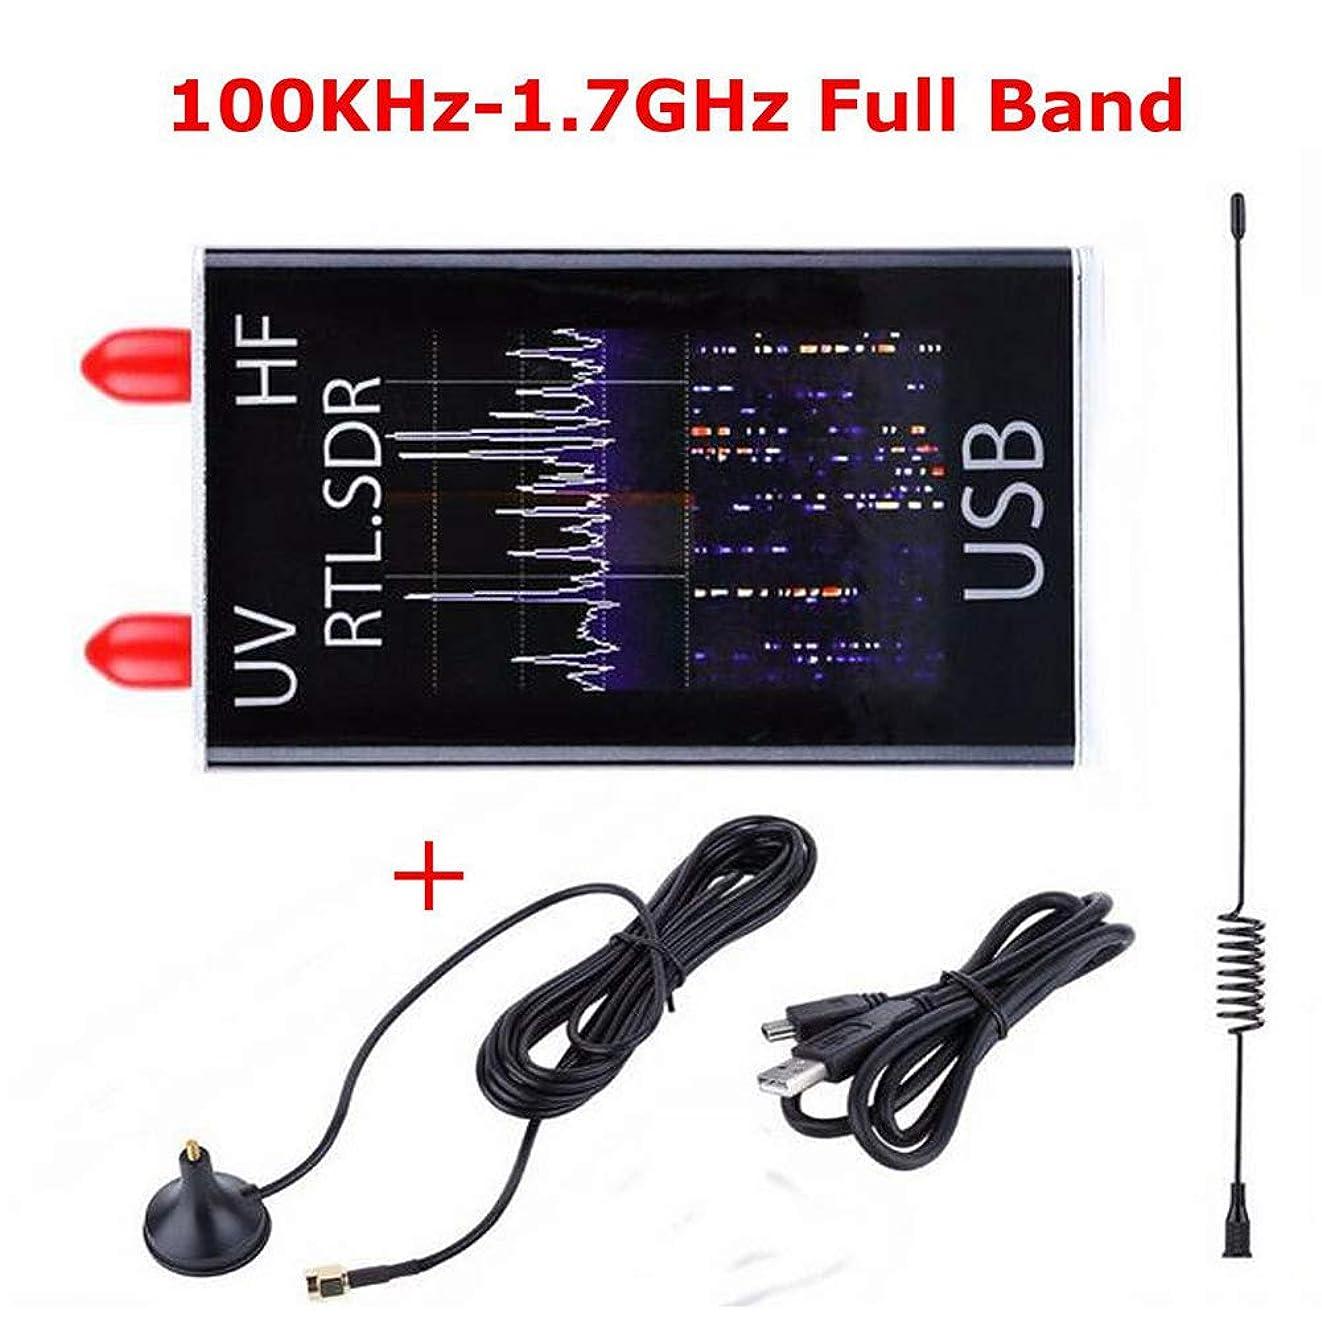 慎重怖がって死ぬ圧倒するACHICOO 100KHz?1.7GHzフルバンドUV HF RTL-SDR USBチューナーレシーバ/ R820T + 8232ハムラジオ